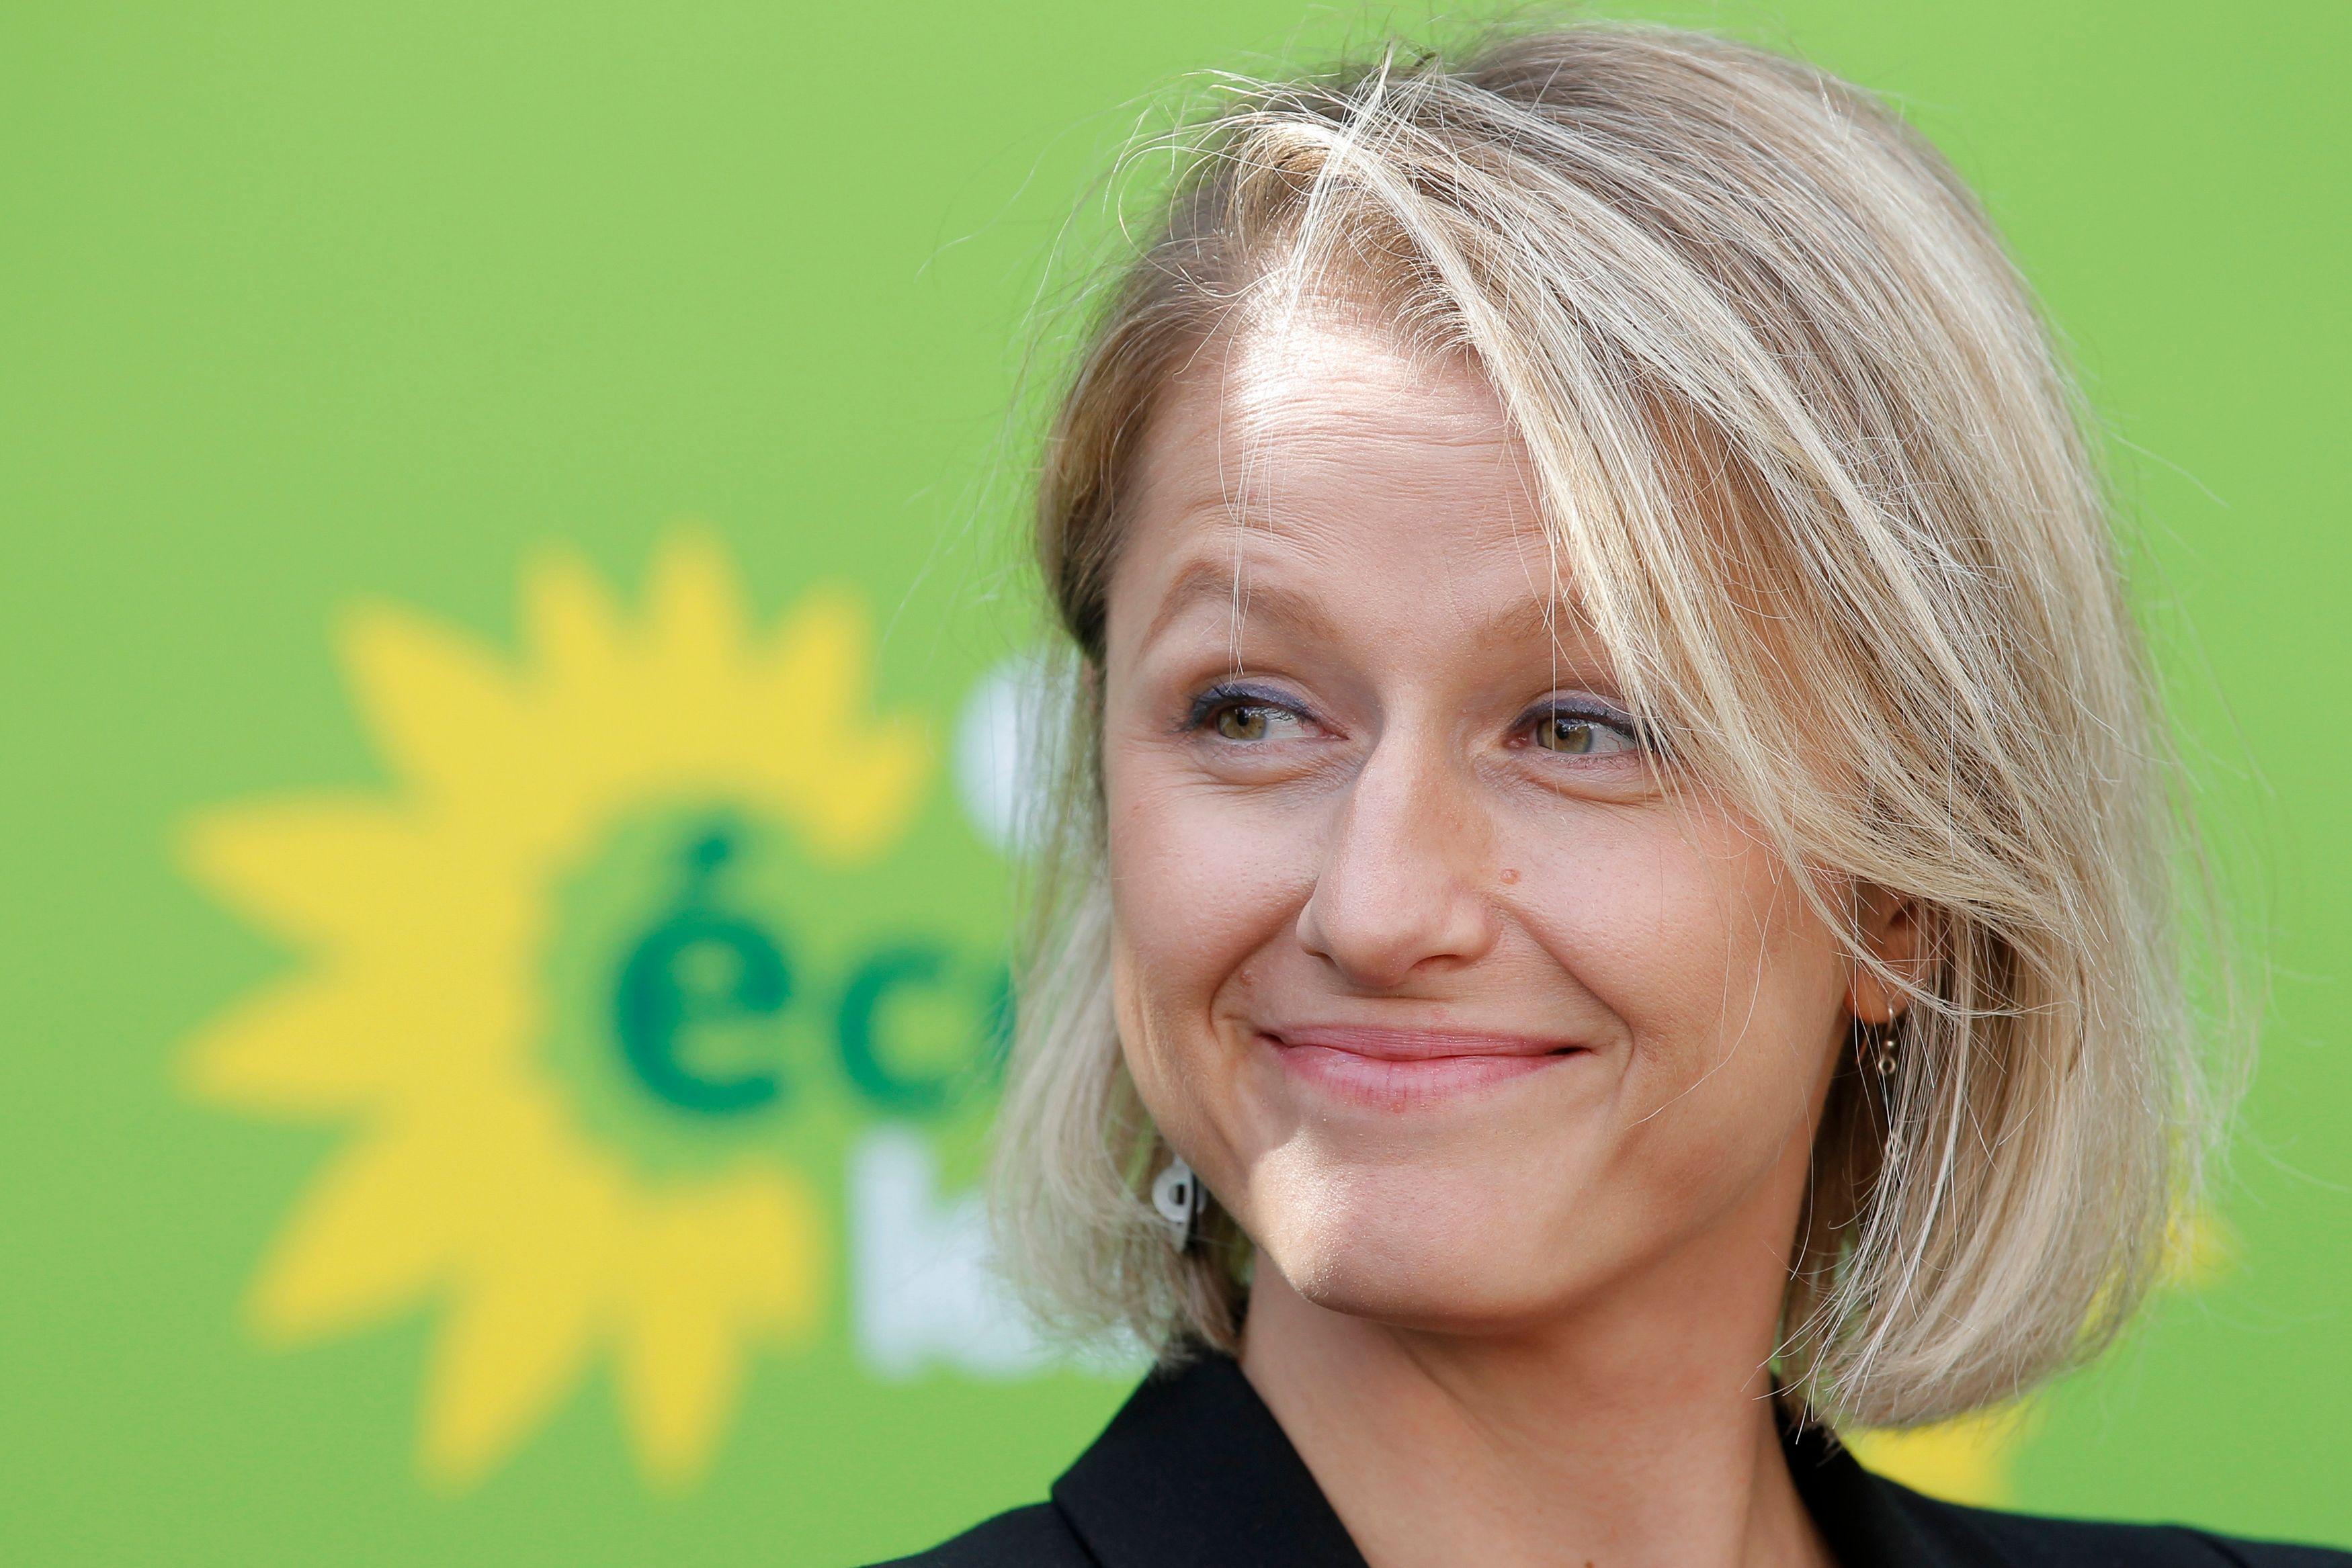 Barbara Pompili, présidente du groupe EELV de l'Assemblée nationale.